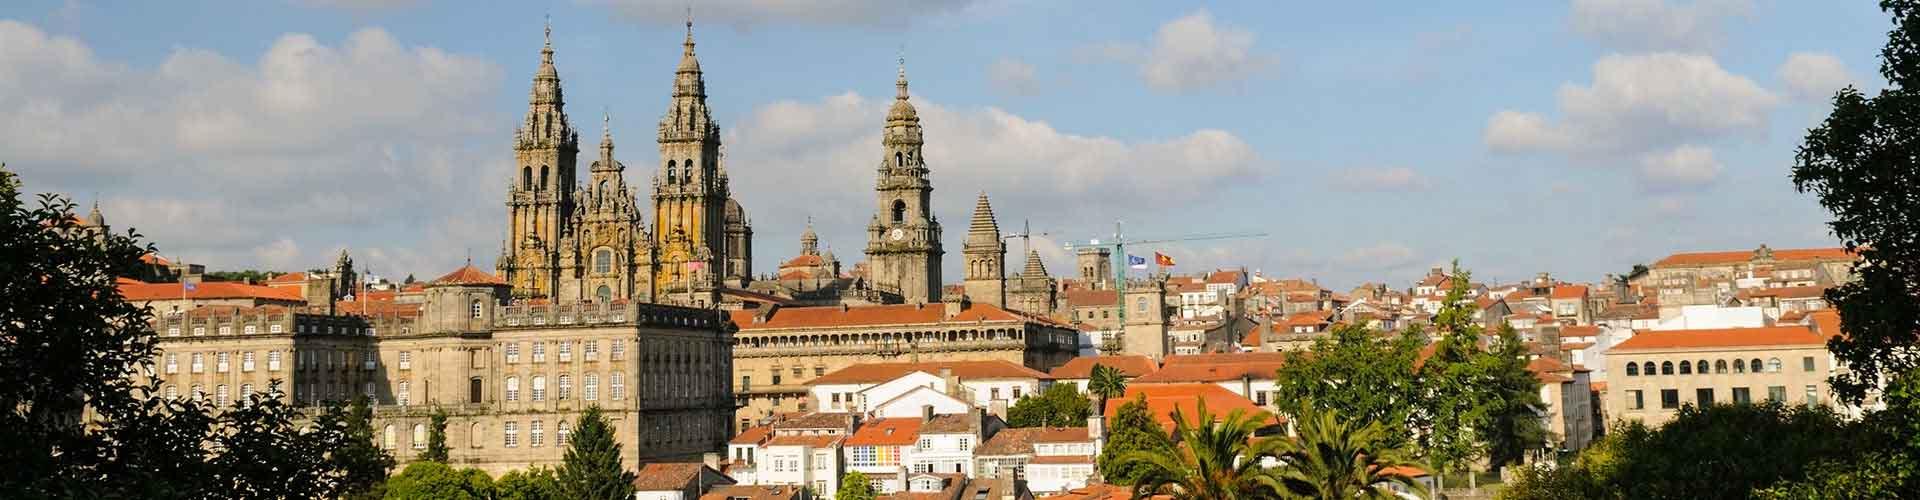 Santiago de Compostela - Habitaciones en el distrito Comillas. Mapas de Santiago de Compostela, Fotos y comentarios de cada Habitación en Santiago de Compostela.